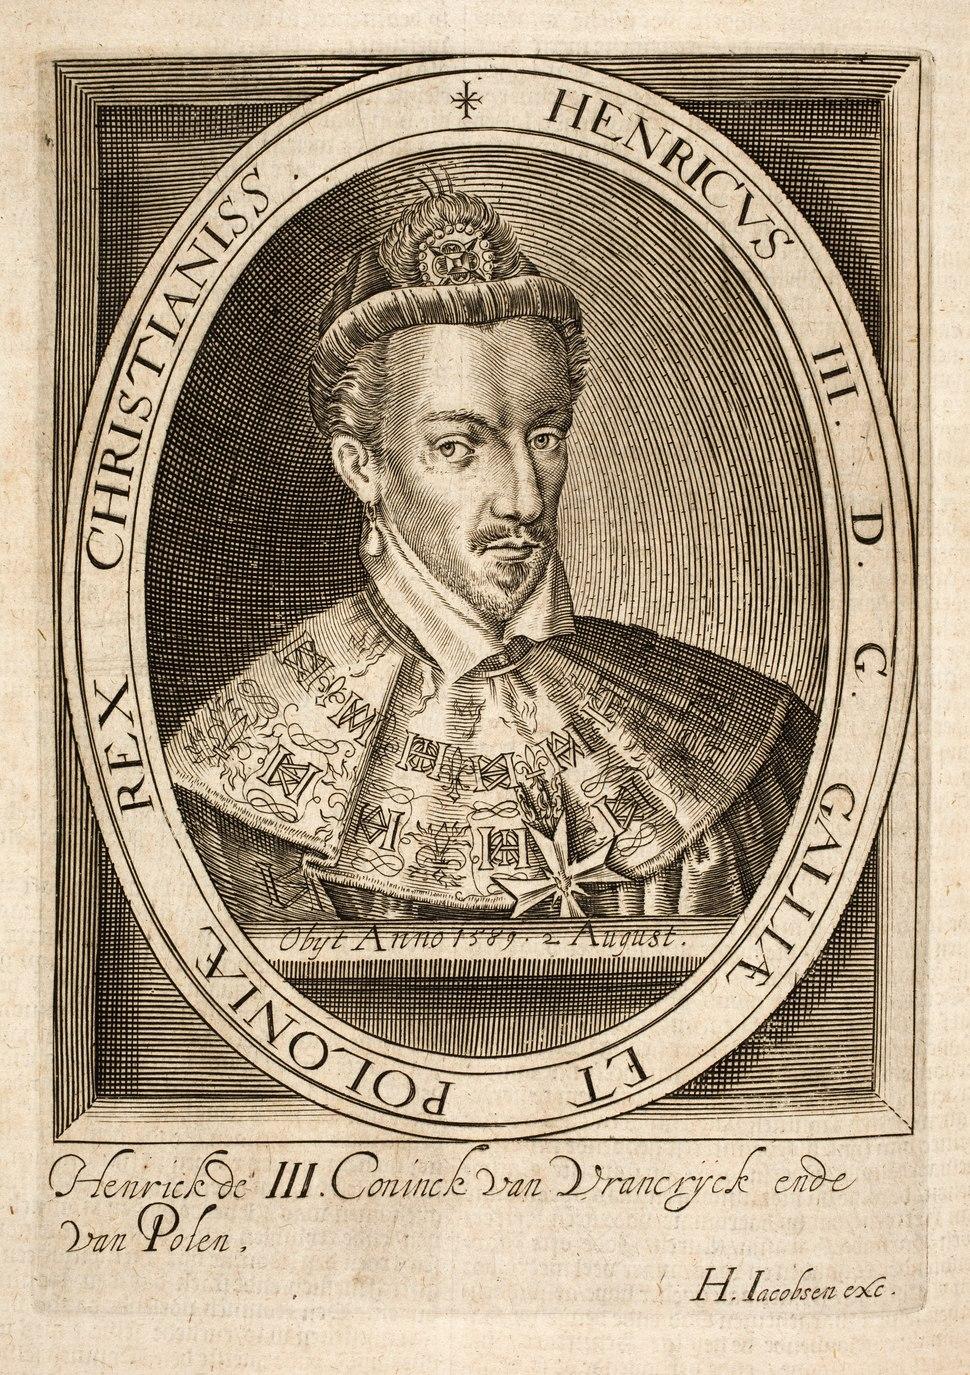 Emanuel van Meteren Historie ppn 051504510 MG 8760 henrick de III